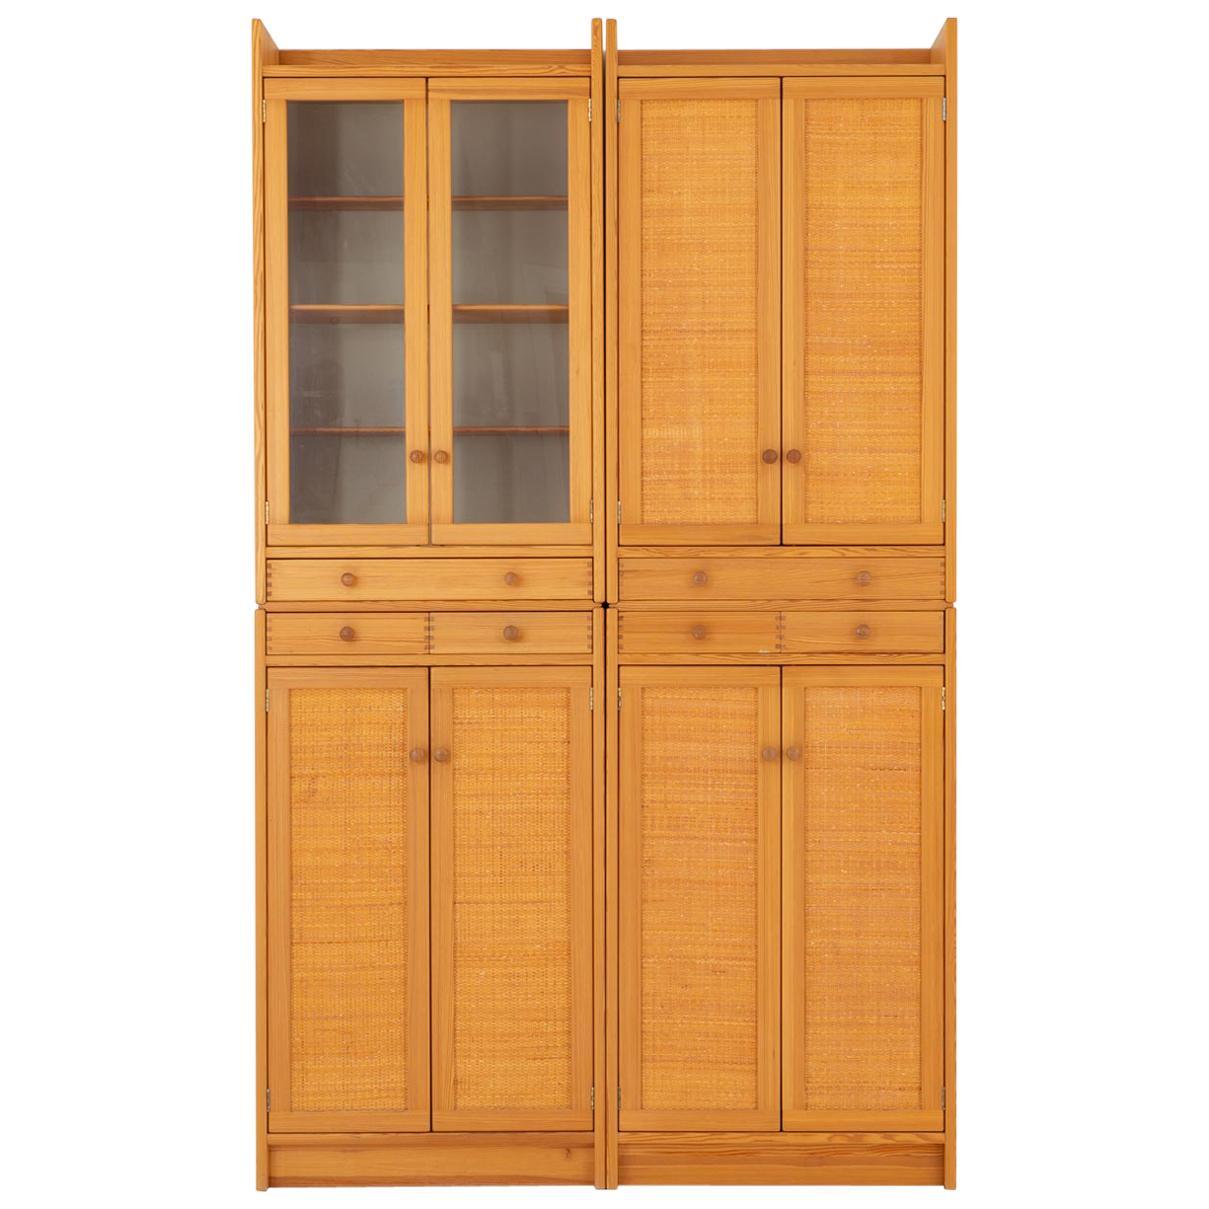 """Swedish Mid-Century Modern Pine Cabinet Model """"Furubo"""" by Yngve Ekström"""